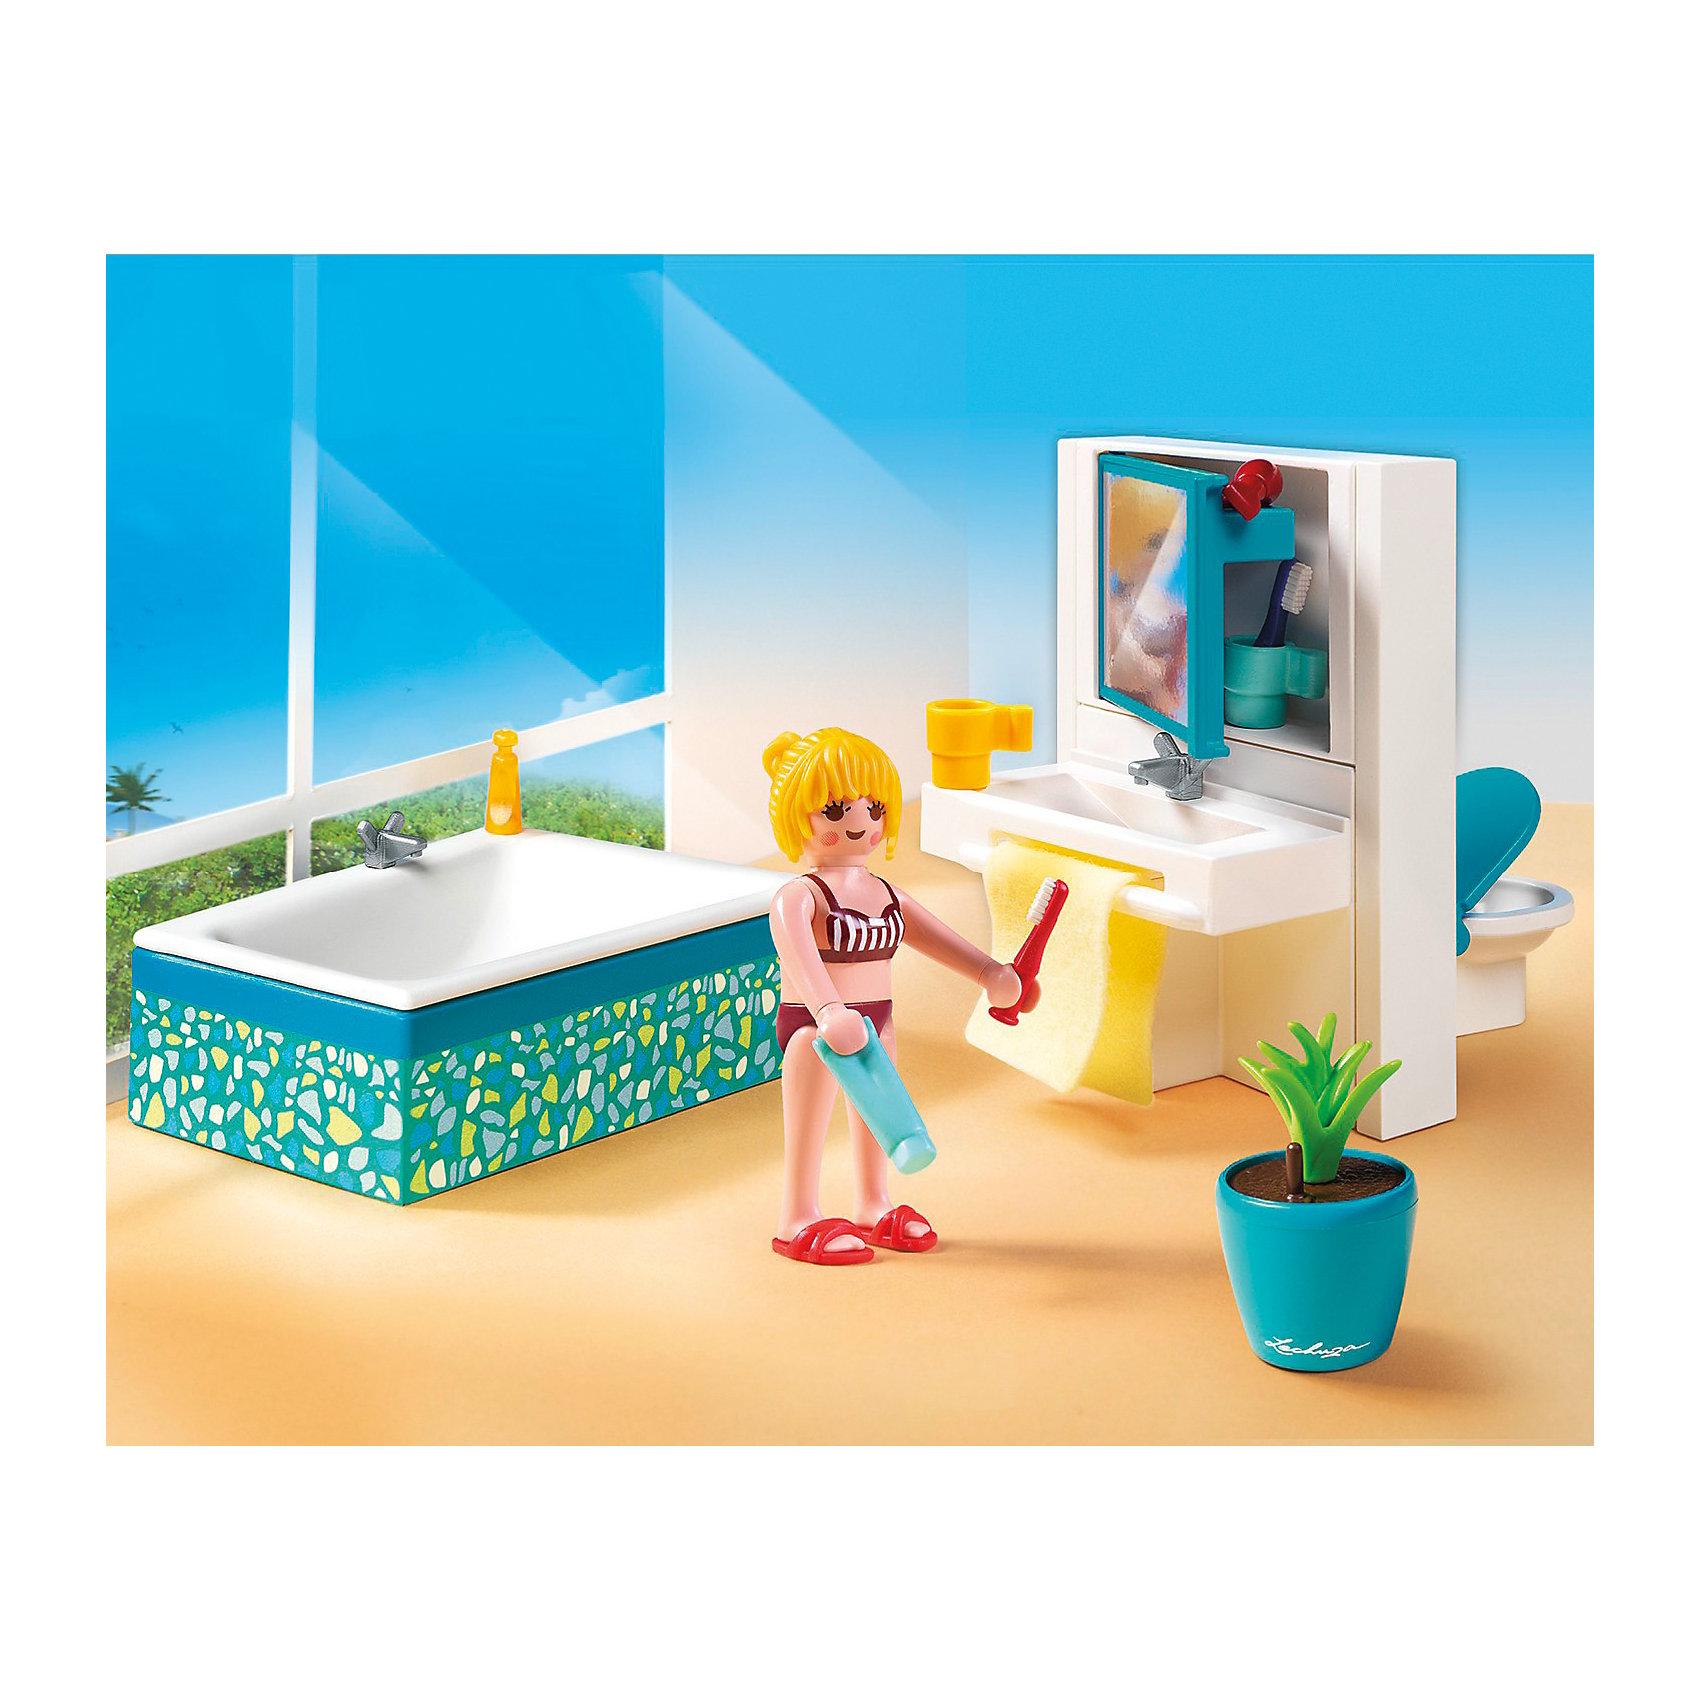 PLAYMOBIL 5577 Особняки: Современная ванная комнатаПластмассовые конструкторы<br>Конструктор PLAYMOBIL (Плеймобил) 5577 Особняки: Современная ванная комната - прекрасная возможность для ребенка проявить свой творческий потенциал! Полезный конструктор для развития Вашего ребенка должен быть именно таким: красочным, безопасным и очень функциональным. Набор Современная ванная комната состоит из одной минифигурки и множества замечательных и стильных предметов интерьера и аксессуаров. Здесь можно расчесаться, посмотреться в зеркало и конечно же поплескаться в ванной! Ребенку понравится расставлять мебель и аксессуары на полках и разыгрывать интересные сценки из жизни. Конструктор Современная ванная комната просто находка для обладателя кукольного домика, ведь мебелью можно обставить одну из его комнат. Расставляя мебель и убирая аксессуары на полку ребенок будет учиться аккуратности и Вы не заметите, как малыш начнет наводить порядок в своей собственной комнате. Прививайте ребенку хороший вкус с помощью конструктора PLAYMOBIL (Плеймобил) 5577 Особняки: Современная ванная комната!<br><br>Дополнительная информация:<br><br>- Конструкторы PLAYMOBIL (Плеймобил) отлично развивают мелкую моторику, фантазию и воображение;<br>- В наборе: 1 минифигурка, ванная, зеркало, унитаз, туалетные принадлежности;<br>- Количество деталей: 38 шт;<br>- Можно использовать для кукольного домика;<br>- Материал: безопасный пластик;<br>- Размер минифигурки: 7,5 см;<br>- Размер упаковки: 25 х 20 х 5 см;<br>- Вес: 222 г<br><br>Конструктор PLAYMOBIL (Плеймобил) 5577 Особняки: Современная ванная комната можно купить в нашем интернет-магазине.<br><br>Ширина мм: 254<br>Глубина мм: 200<br>Высота мм: 58<br>Вес г: 219<br>Возраст от месяцев: 48<br>Возраст до месяцев: 120<br>Пол: Женский<br>Возраст: Детский<br>SKU: 3536870